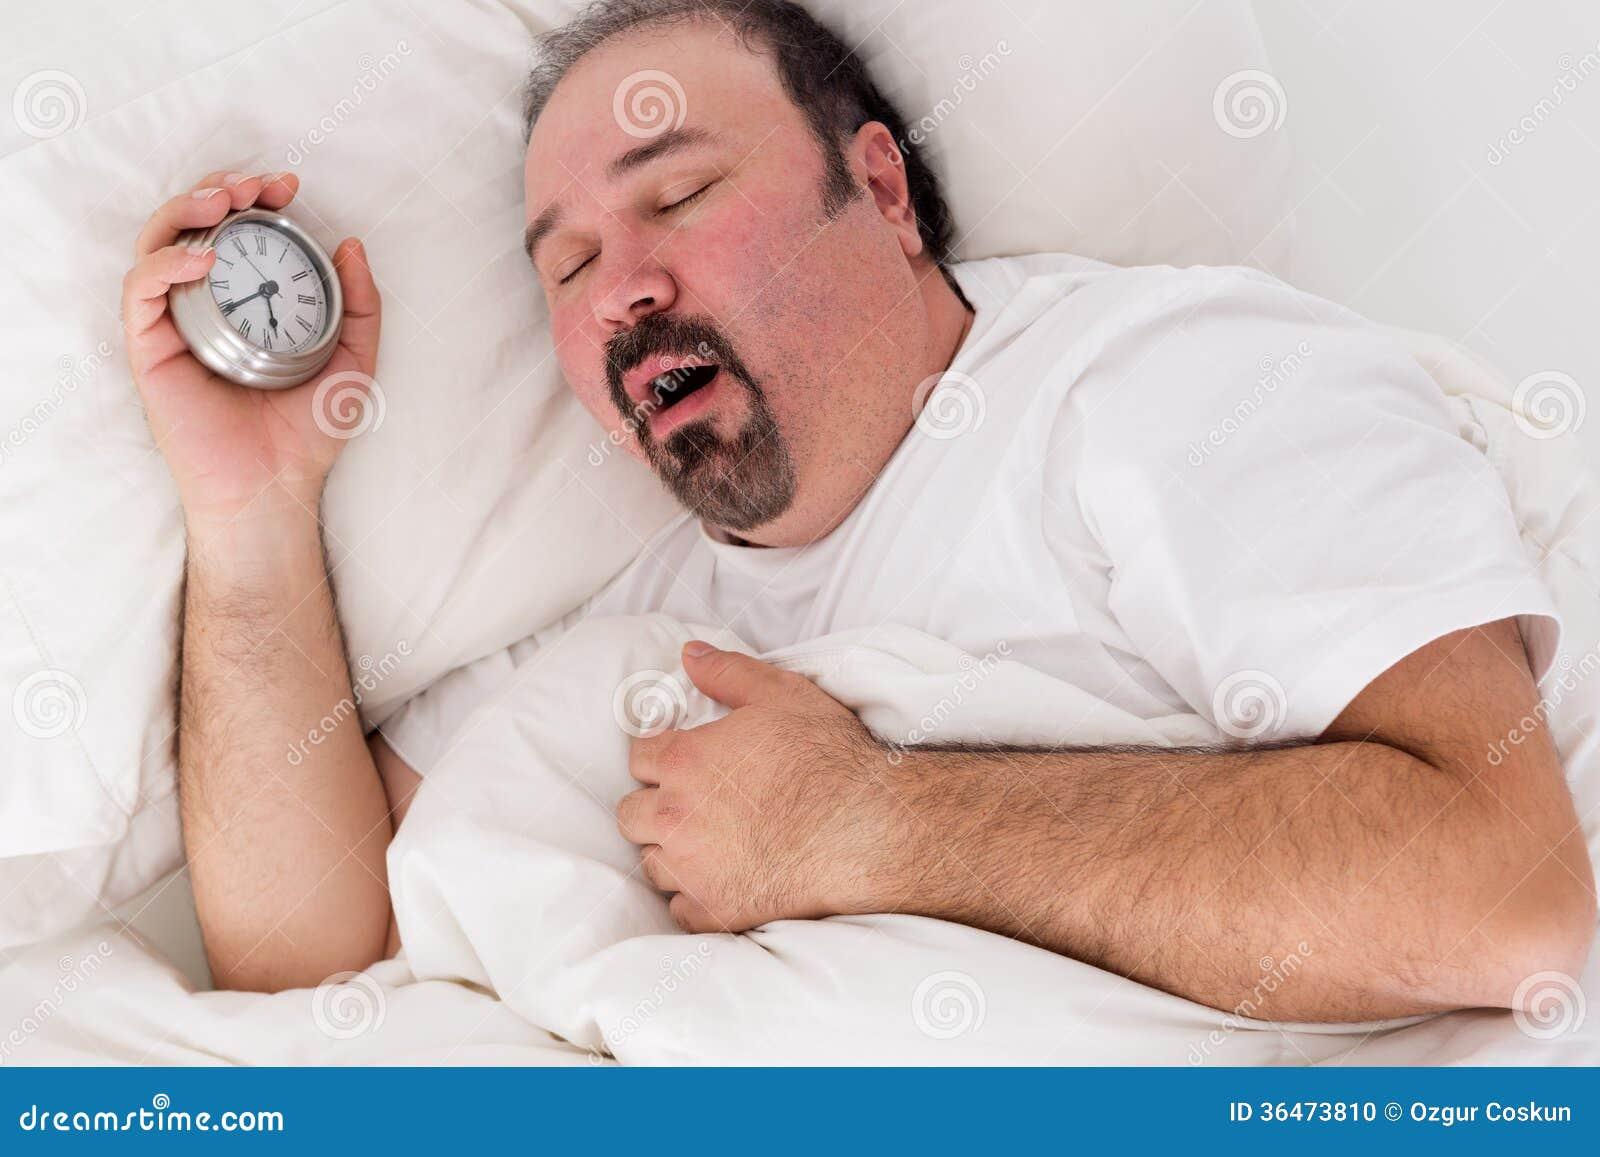 Uomo letargico che sbadiglia come lotta per svegliare